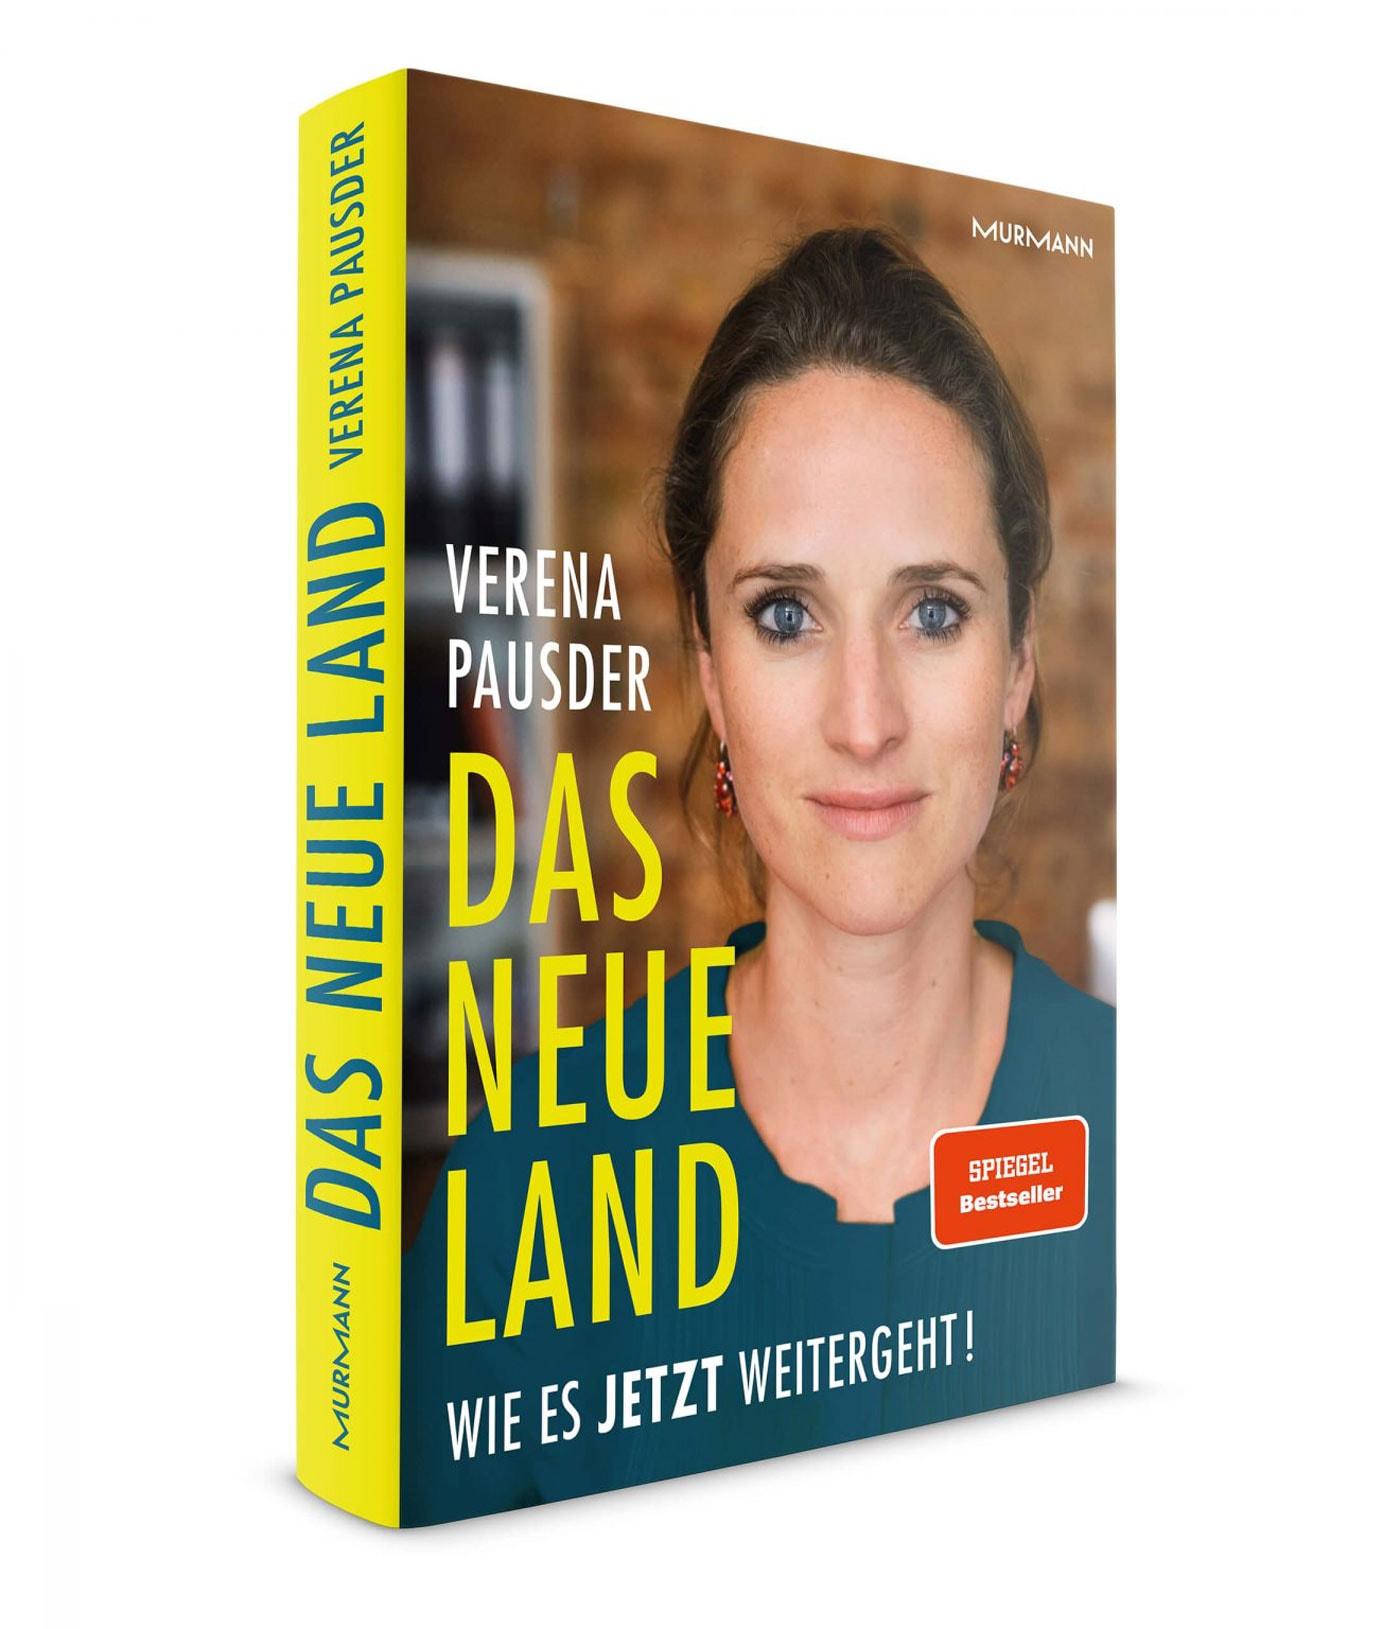 """Buch von Verena Pausder """"Das Neue Land. Wie es jetzt weitergeht!"""" // HIMBEER"""